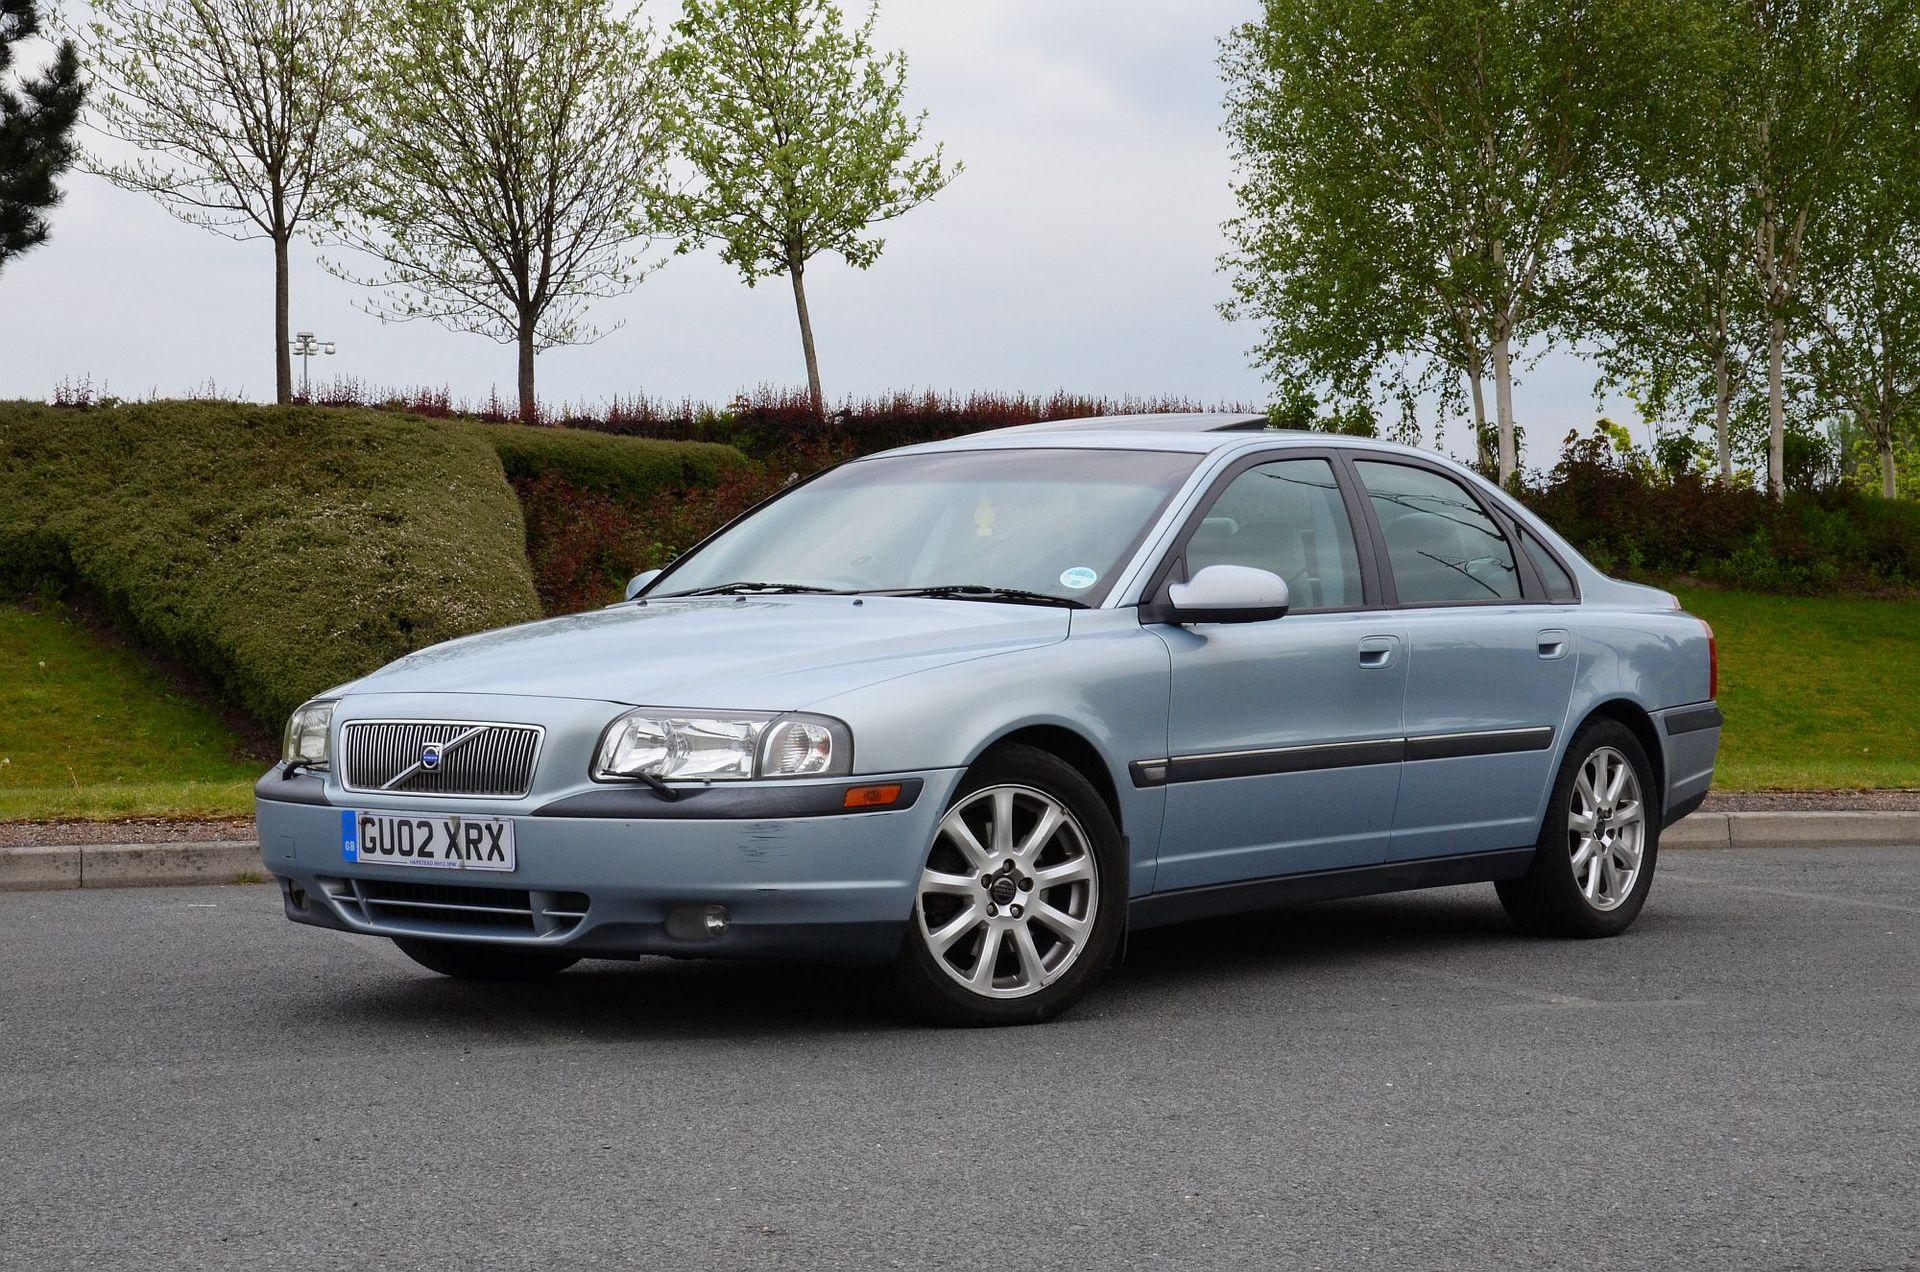 Volvo S80 - Wikipedia